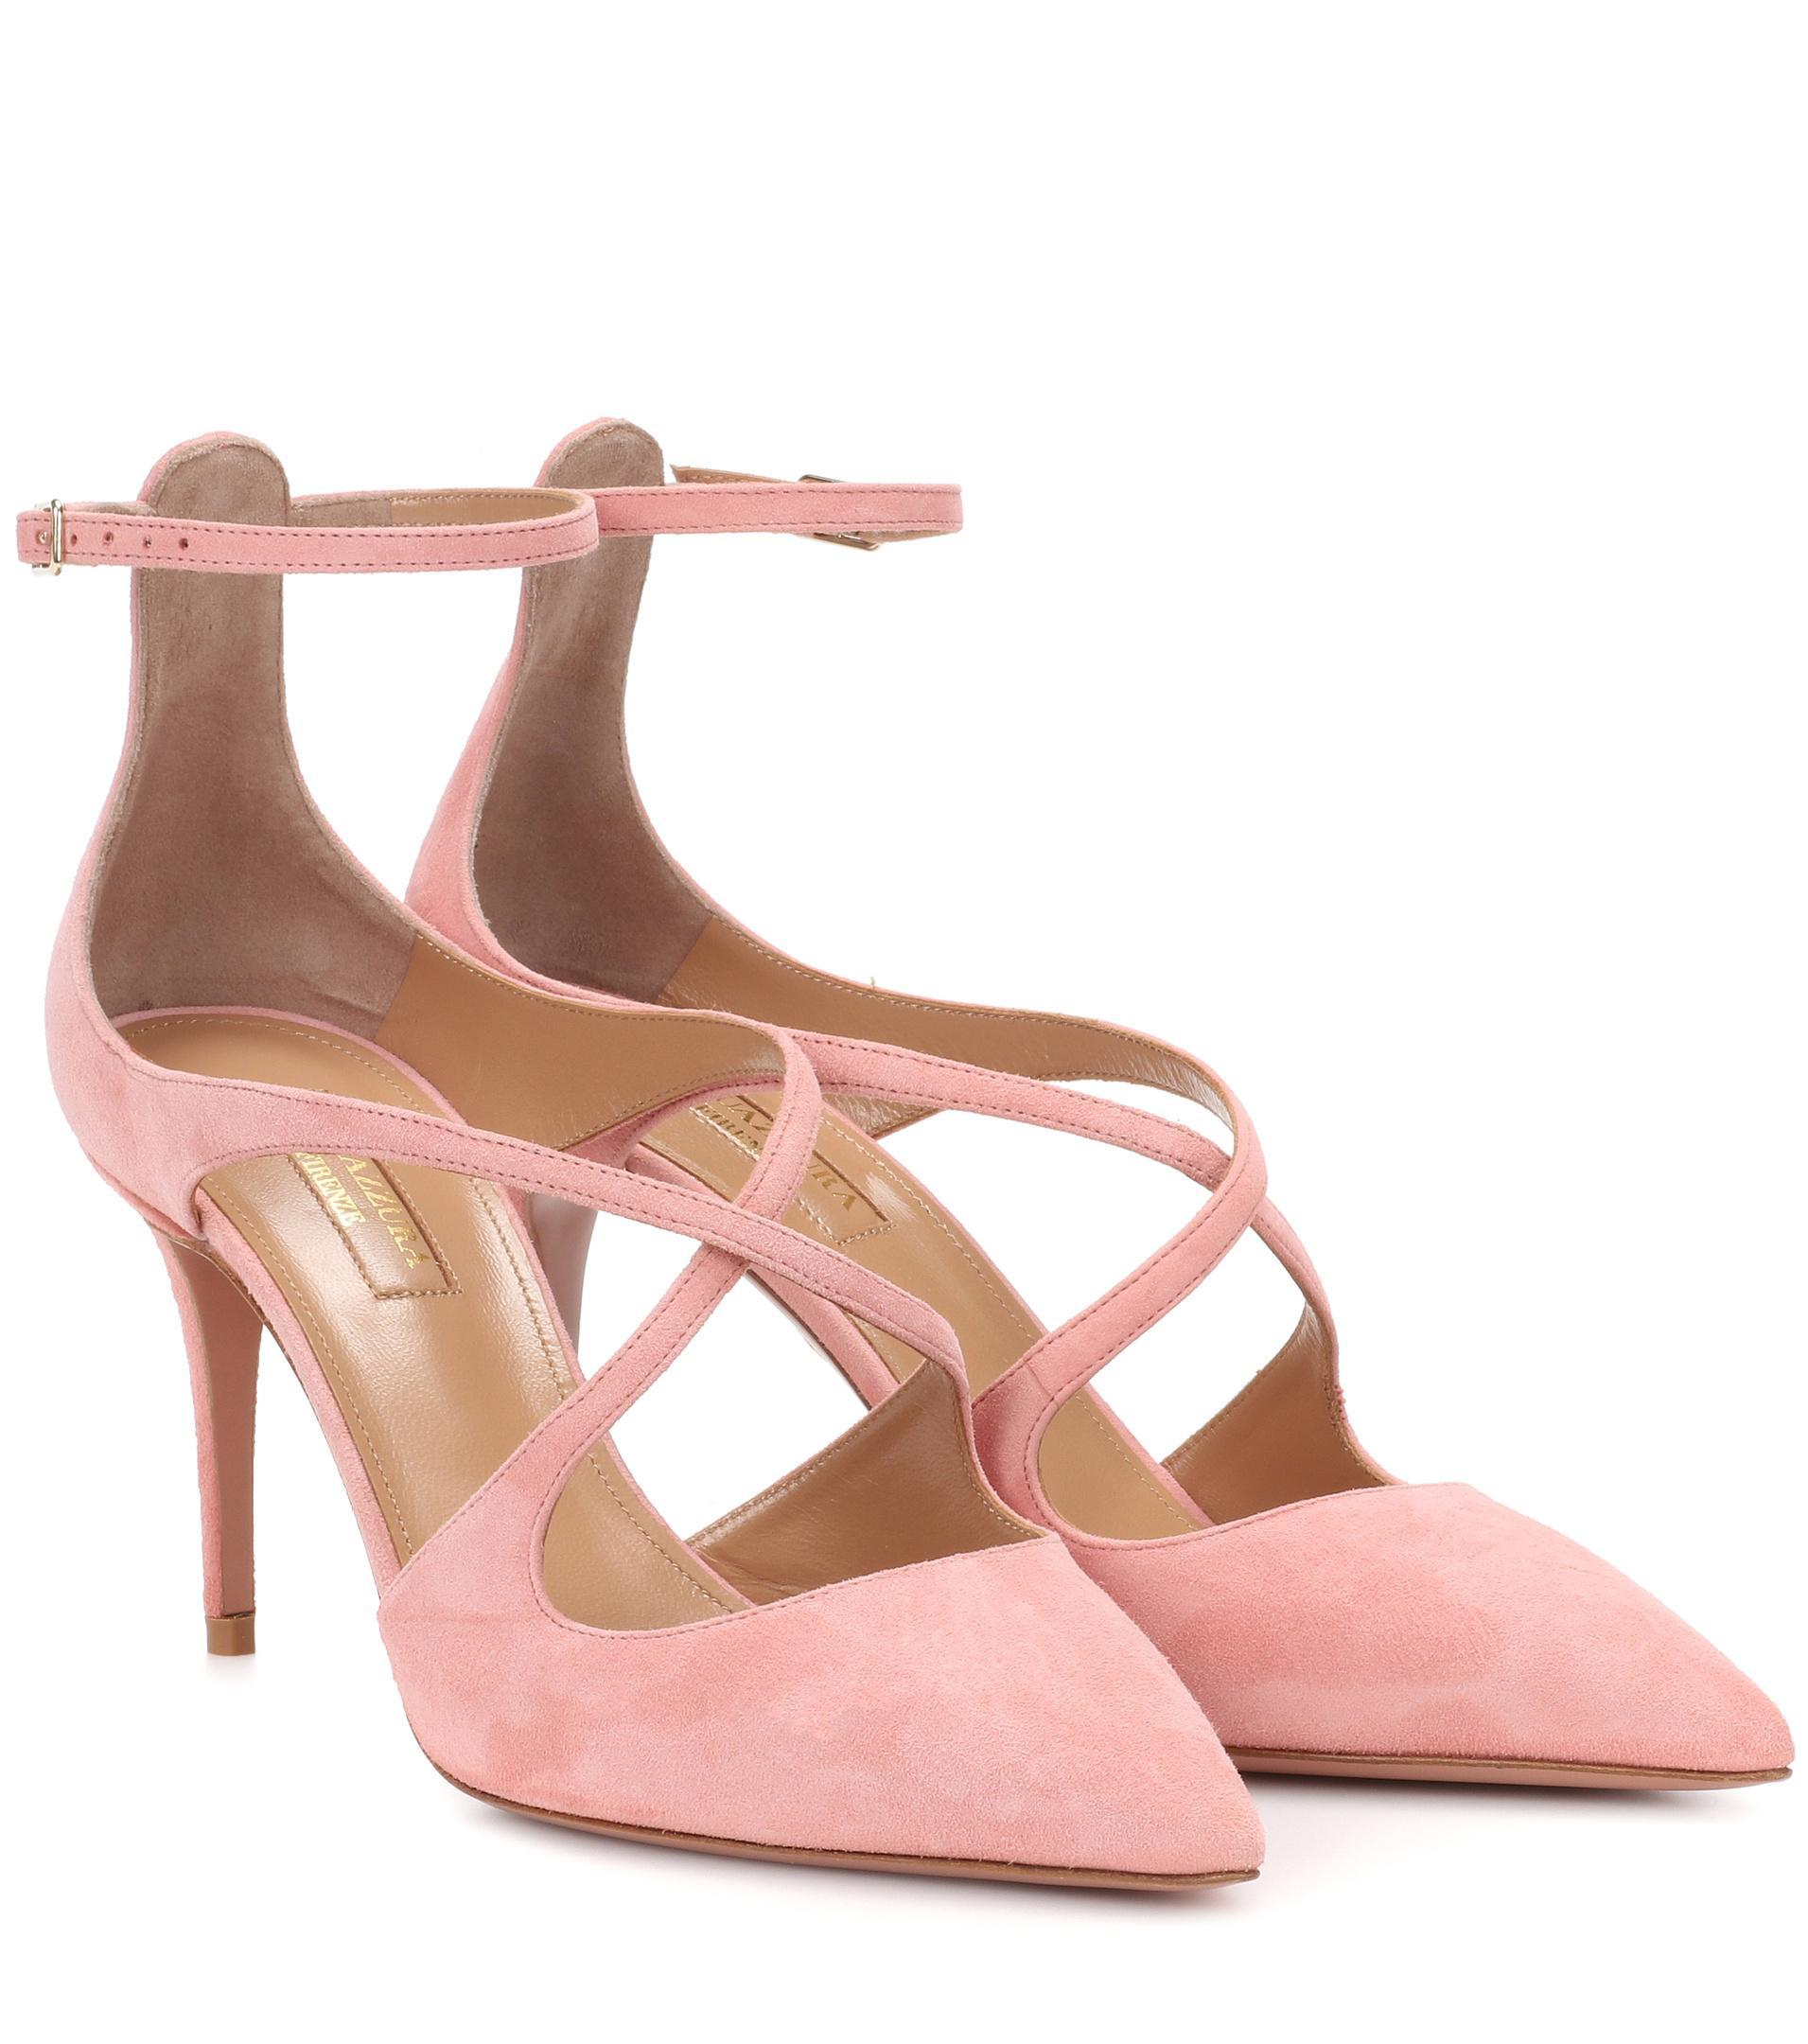 Viviana Suede Pumps - Pink Aquazzura L6g7GeM